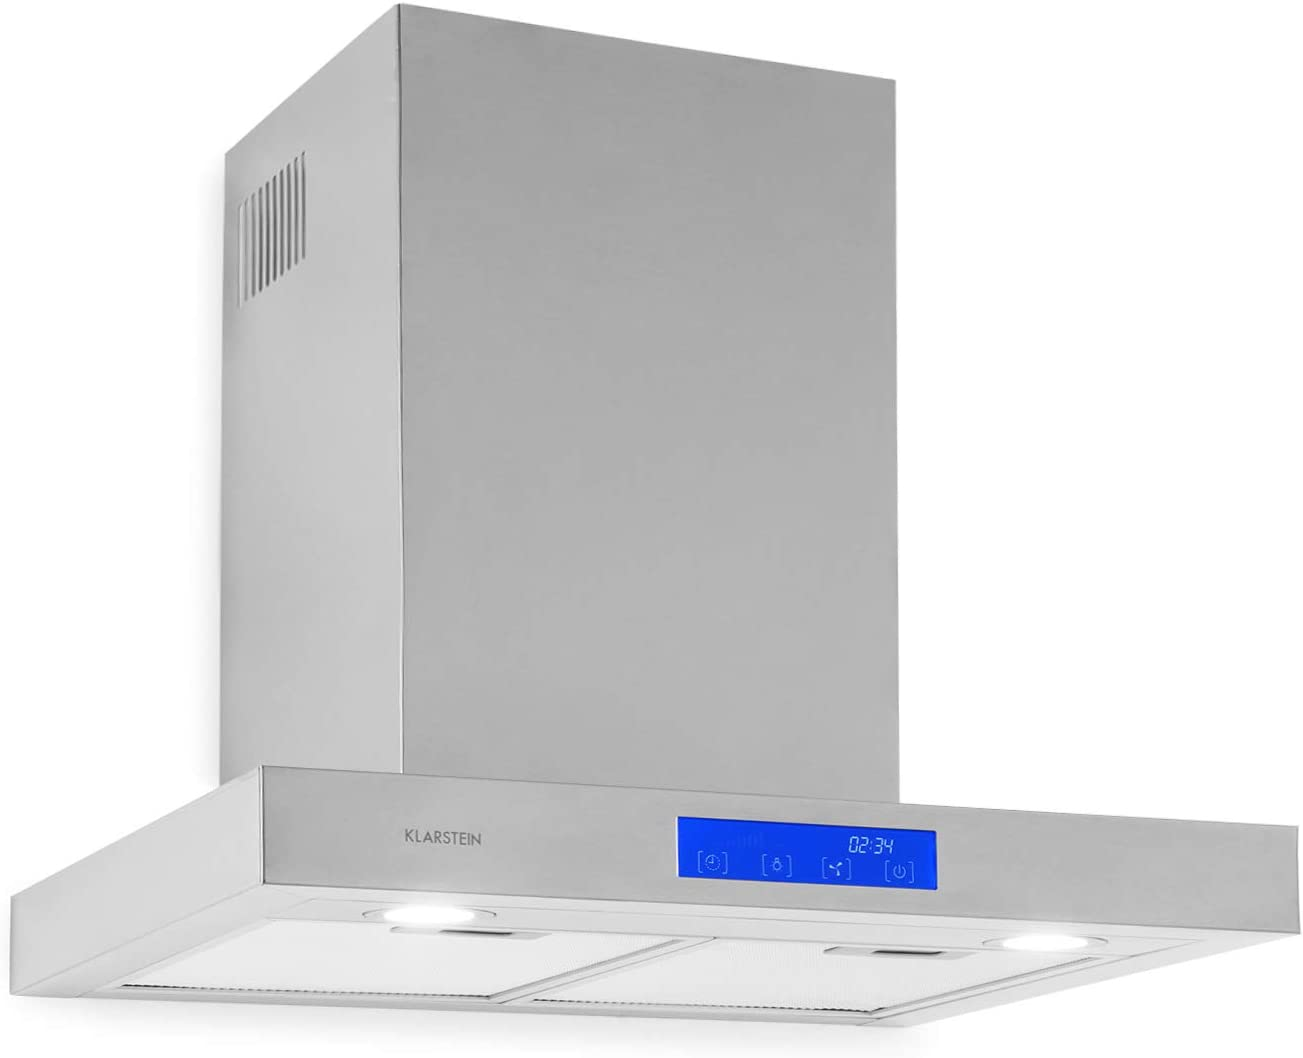 Klarstein Sabrina Extractor de humos - Campana extractora de pared, 60 cm de ancho, Absorción de 575 m³/h, 200 W, Filtro grasa de aluminio, Eficiencia energética de clase A, Acero inox, Plateado